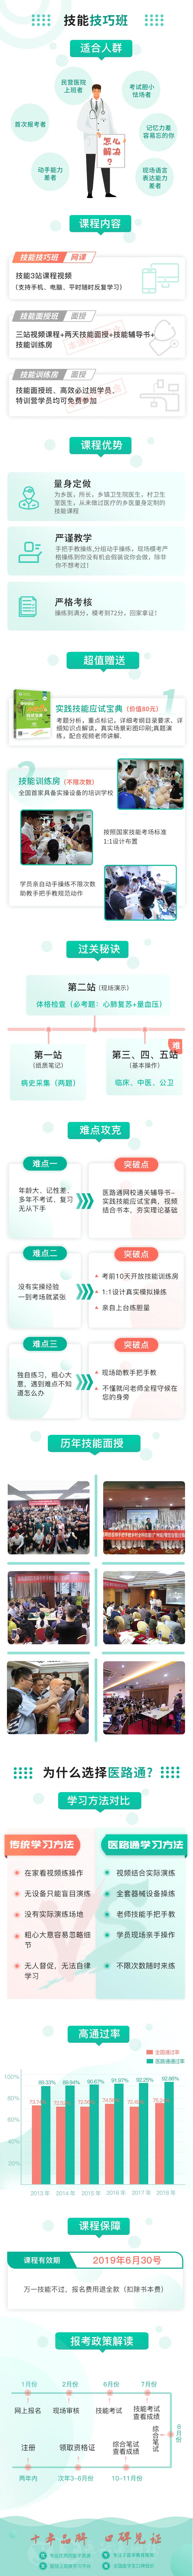 乡村-技能技巧班.png